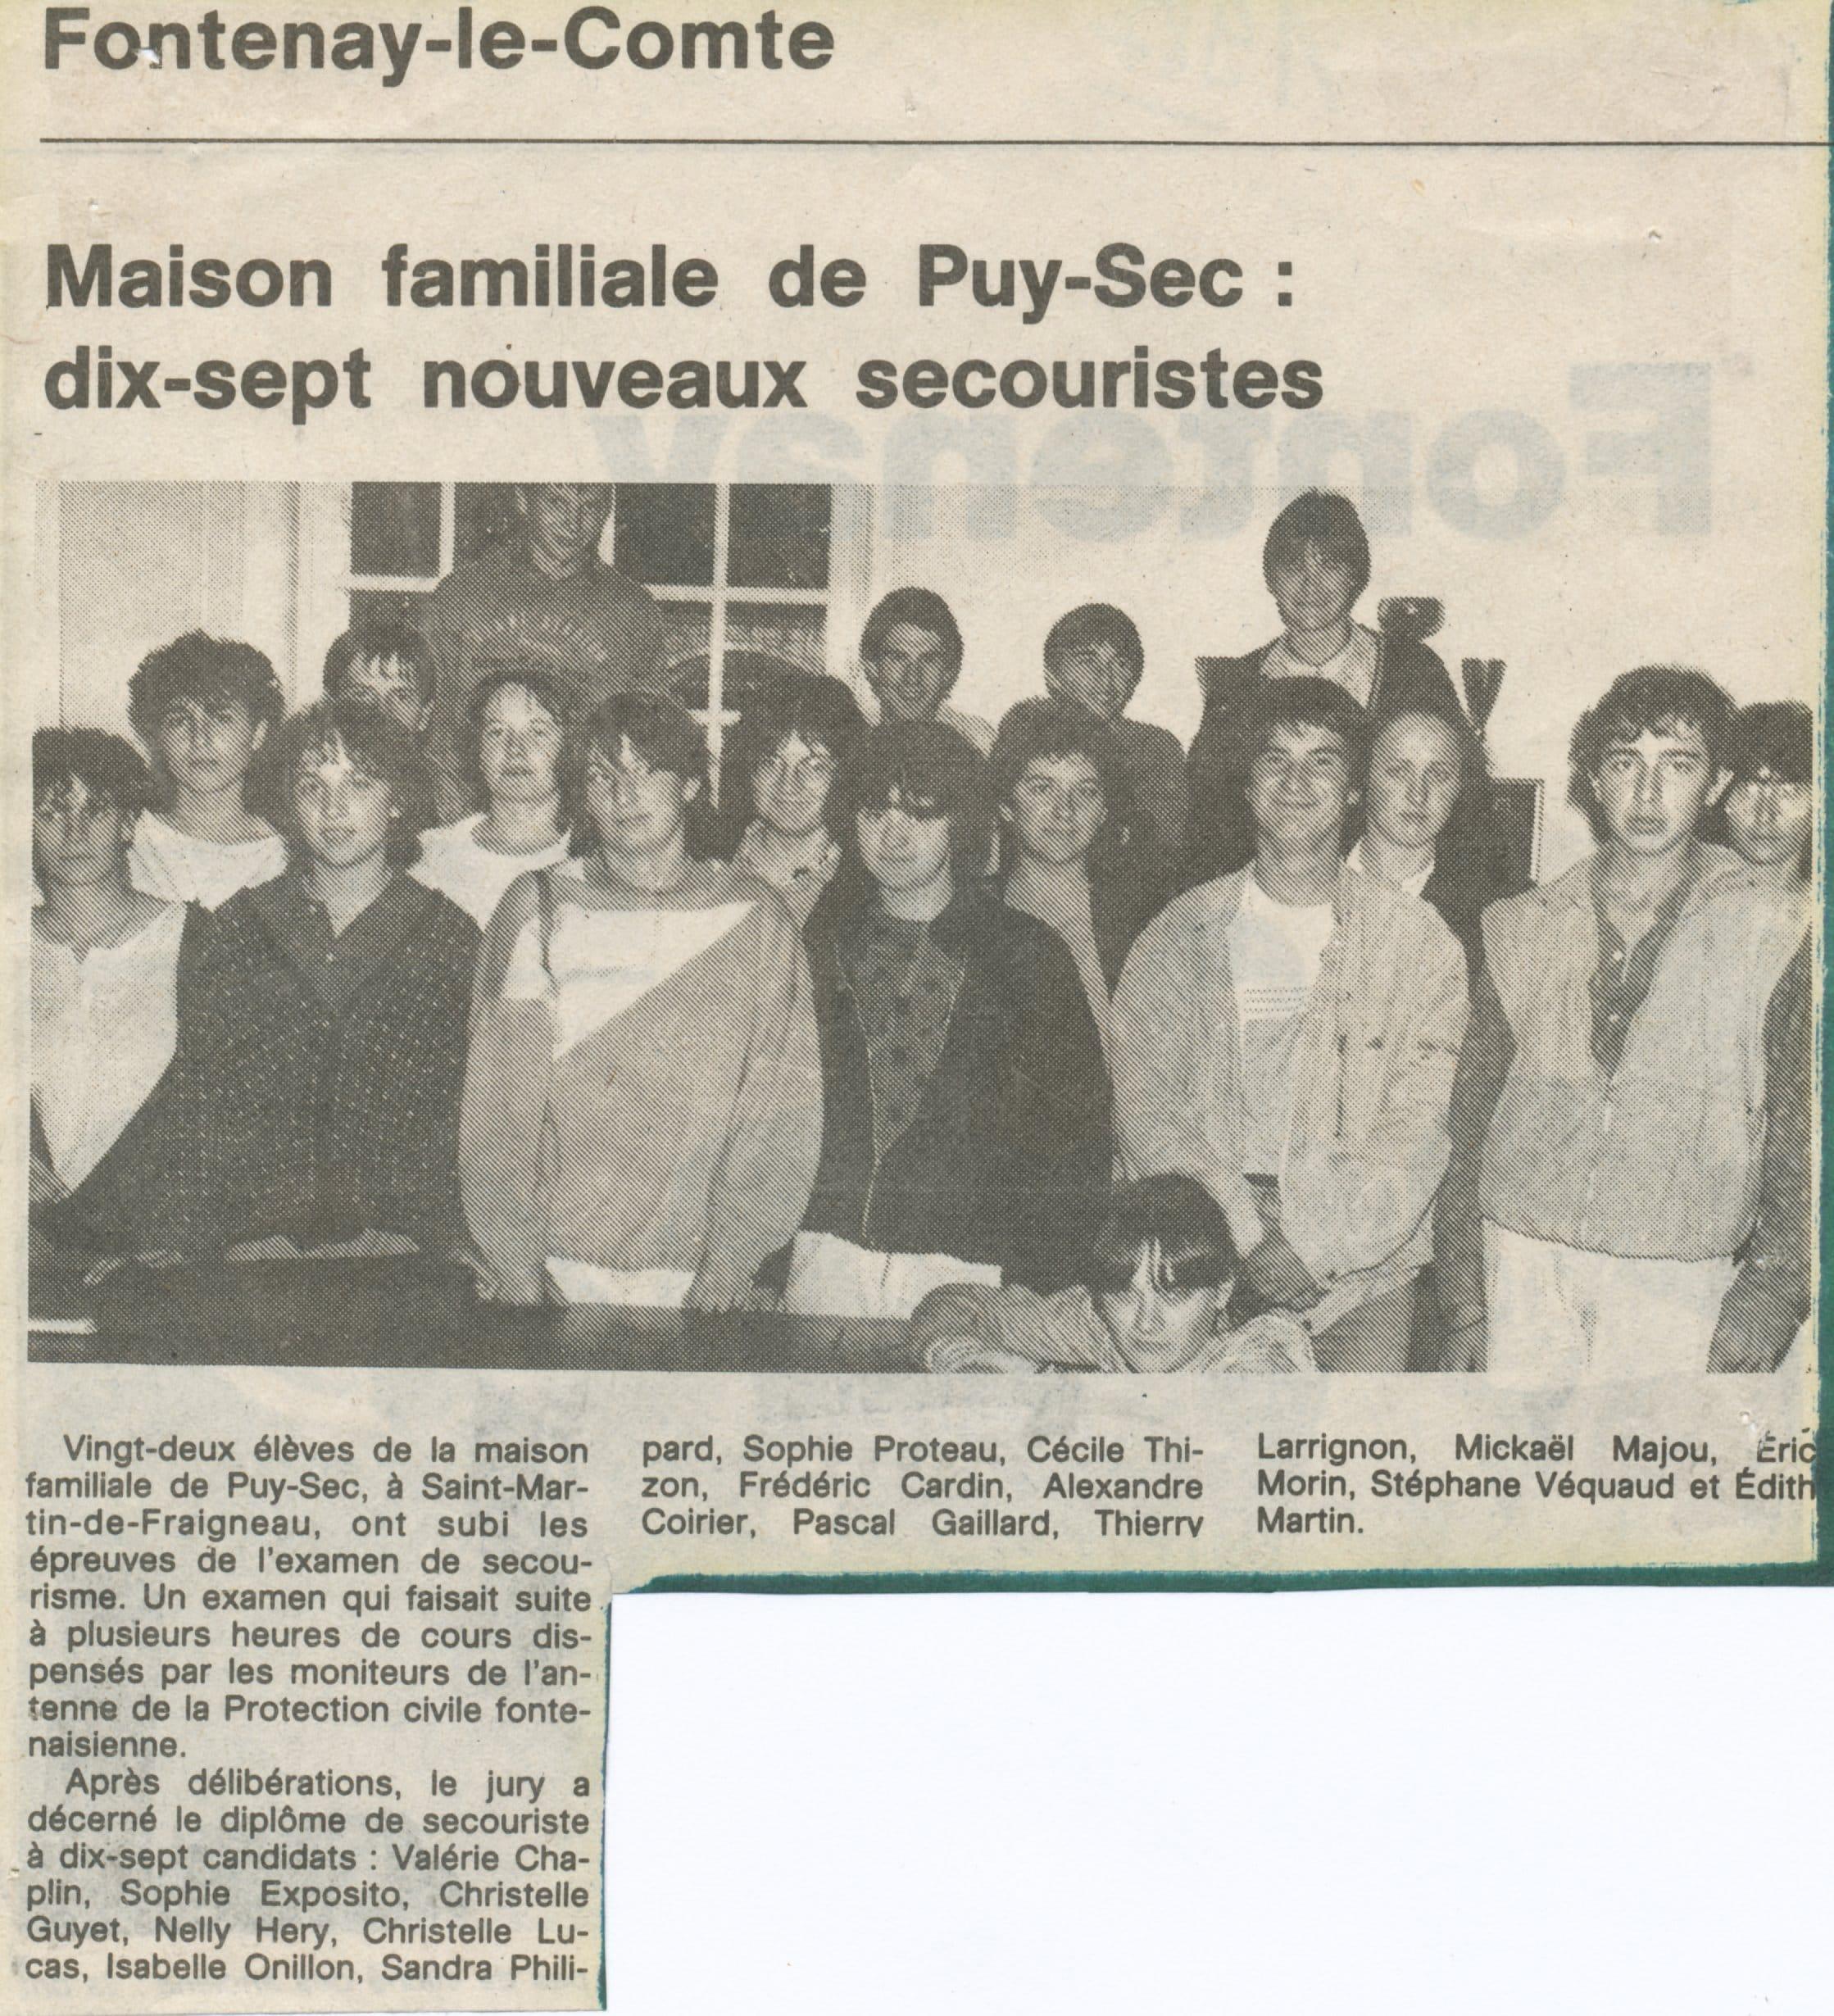 Archives anciens élèves mfr puy-sec 1984 Article 1